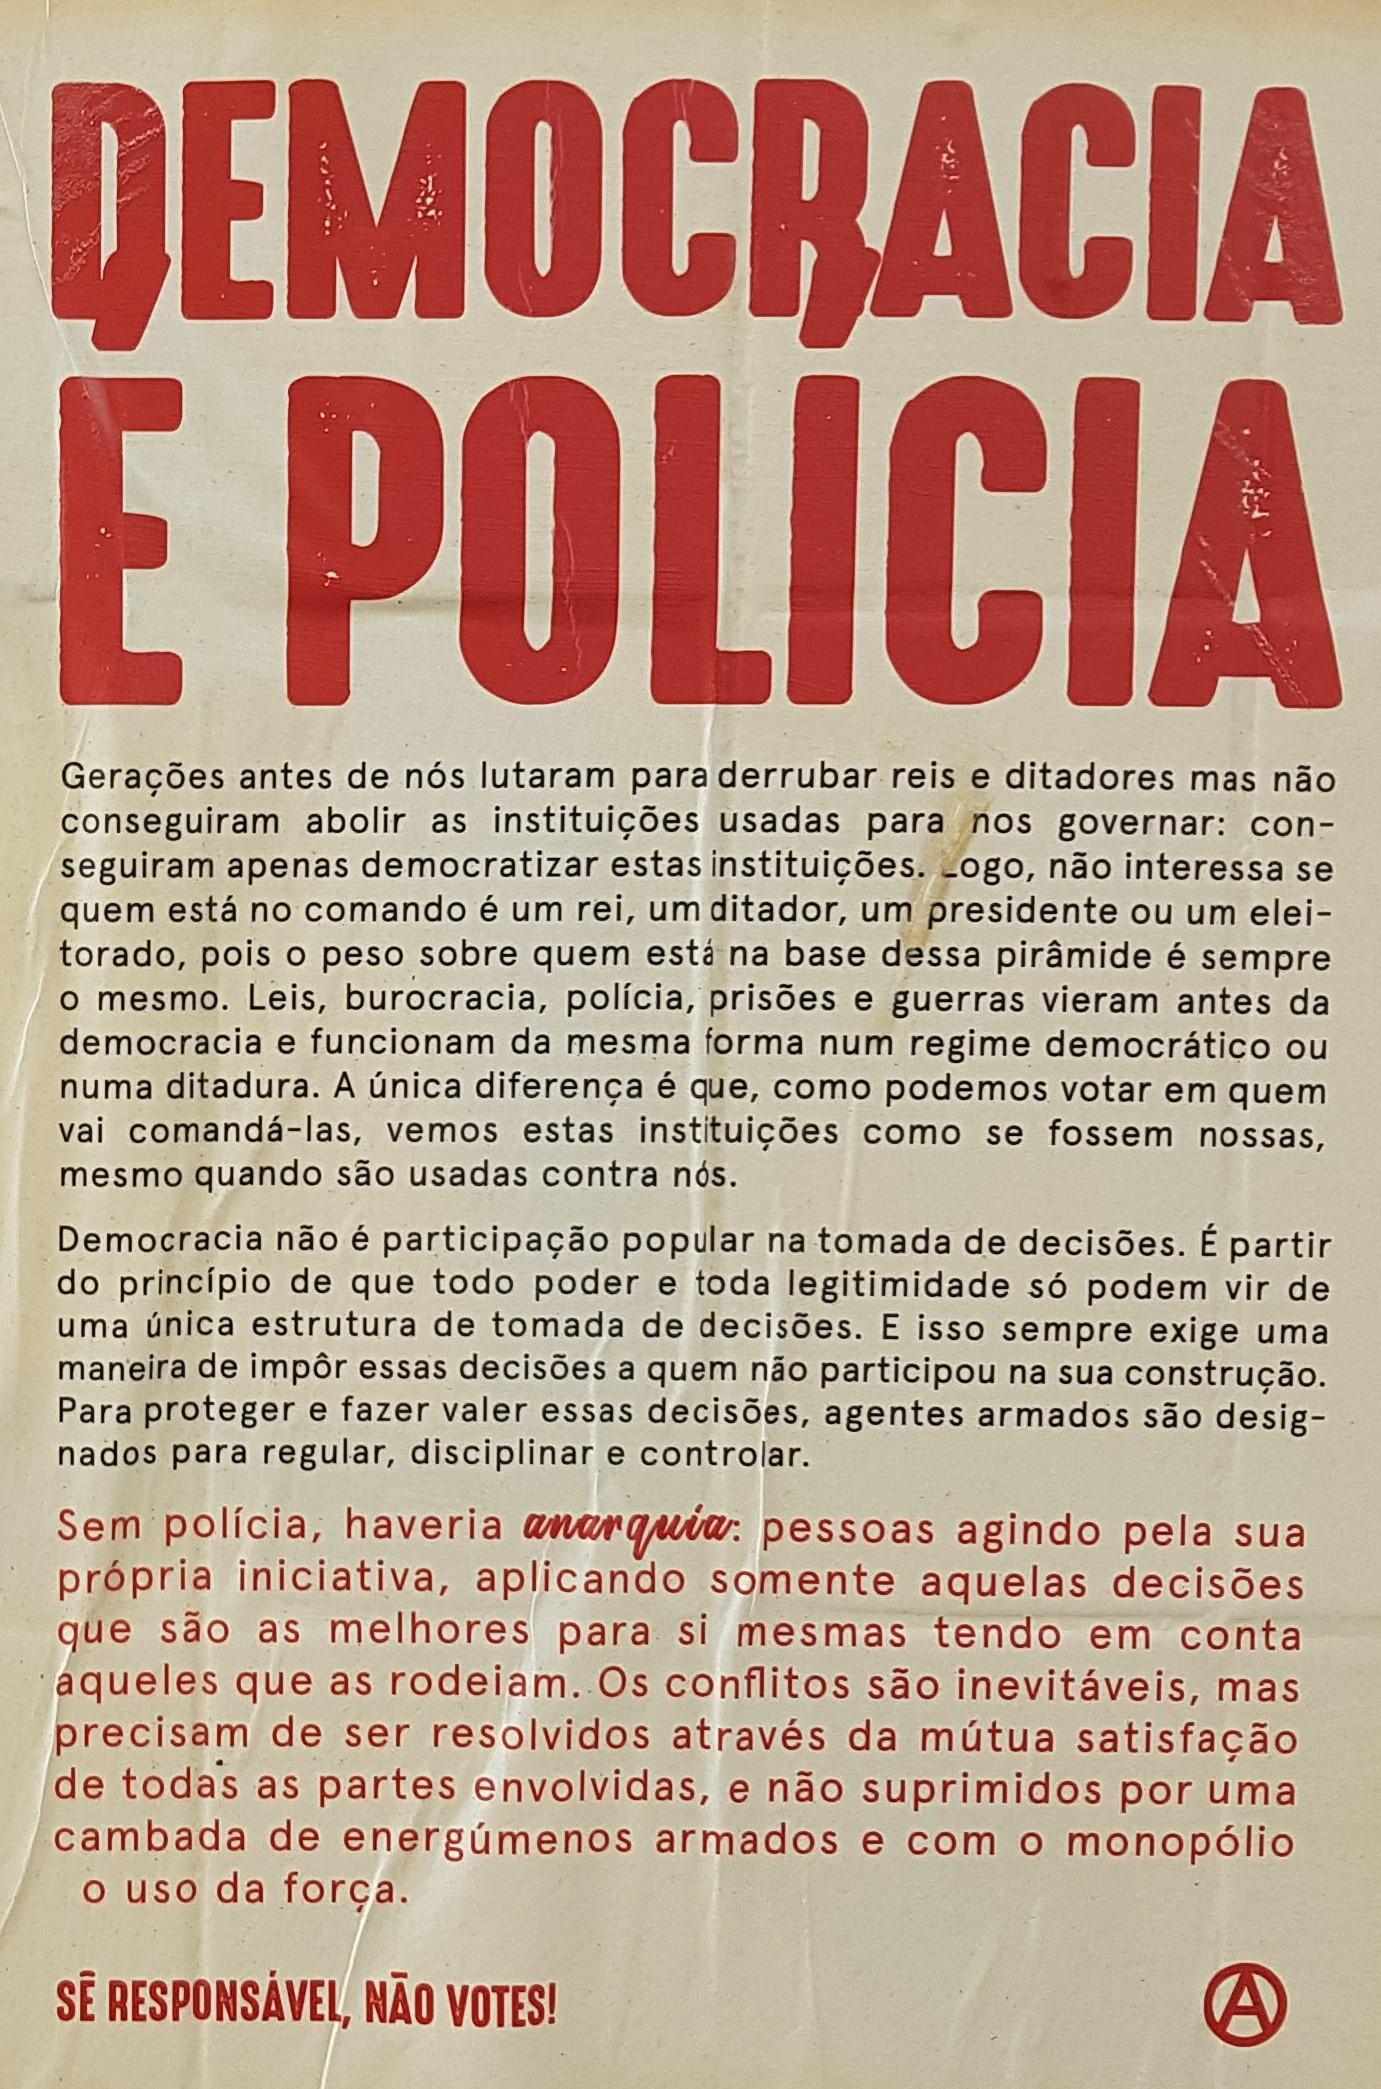 Anarquista_20190916_153815